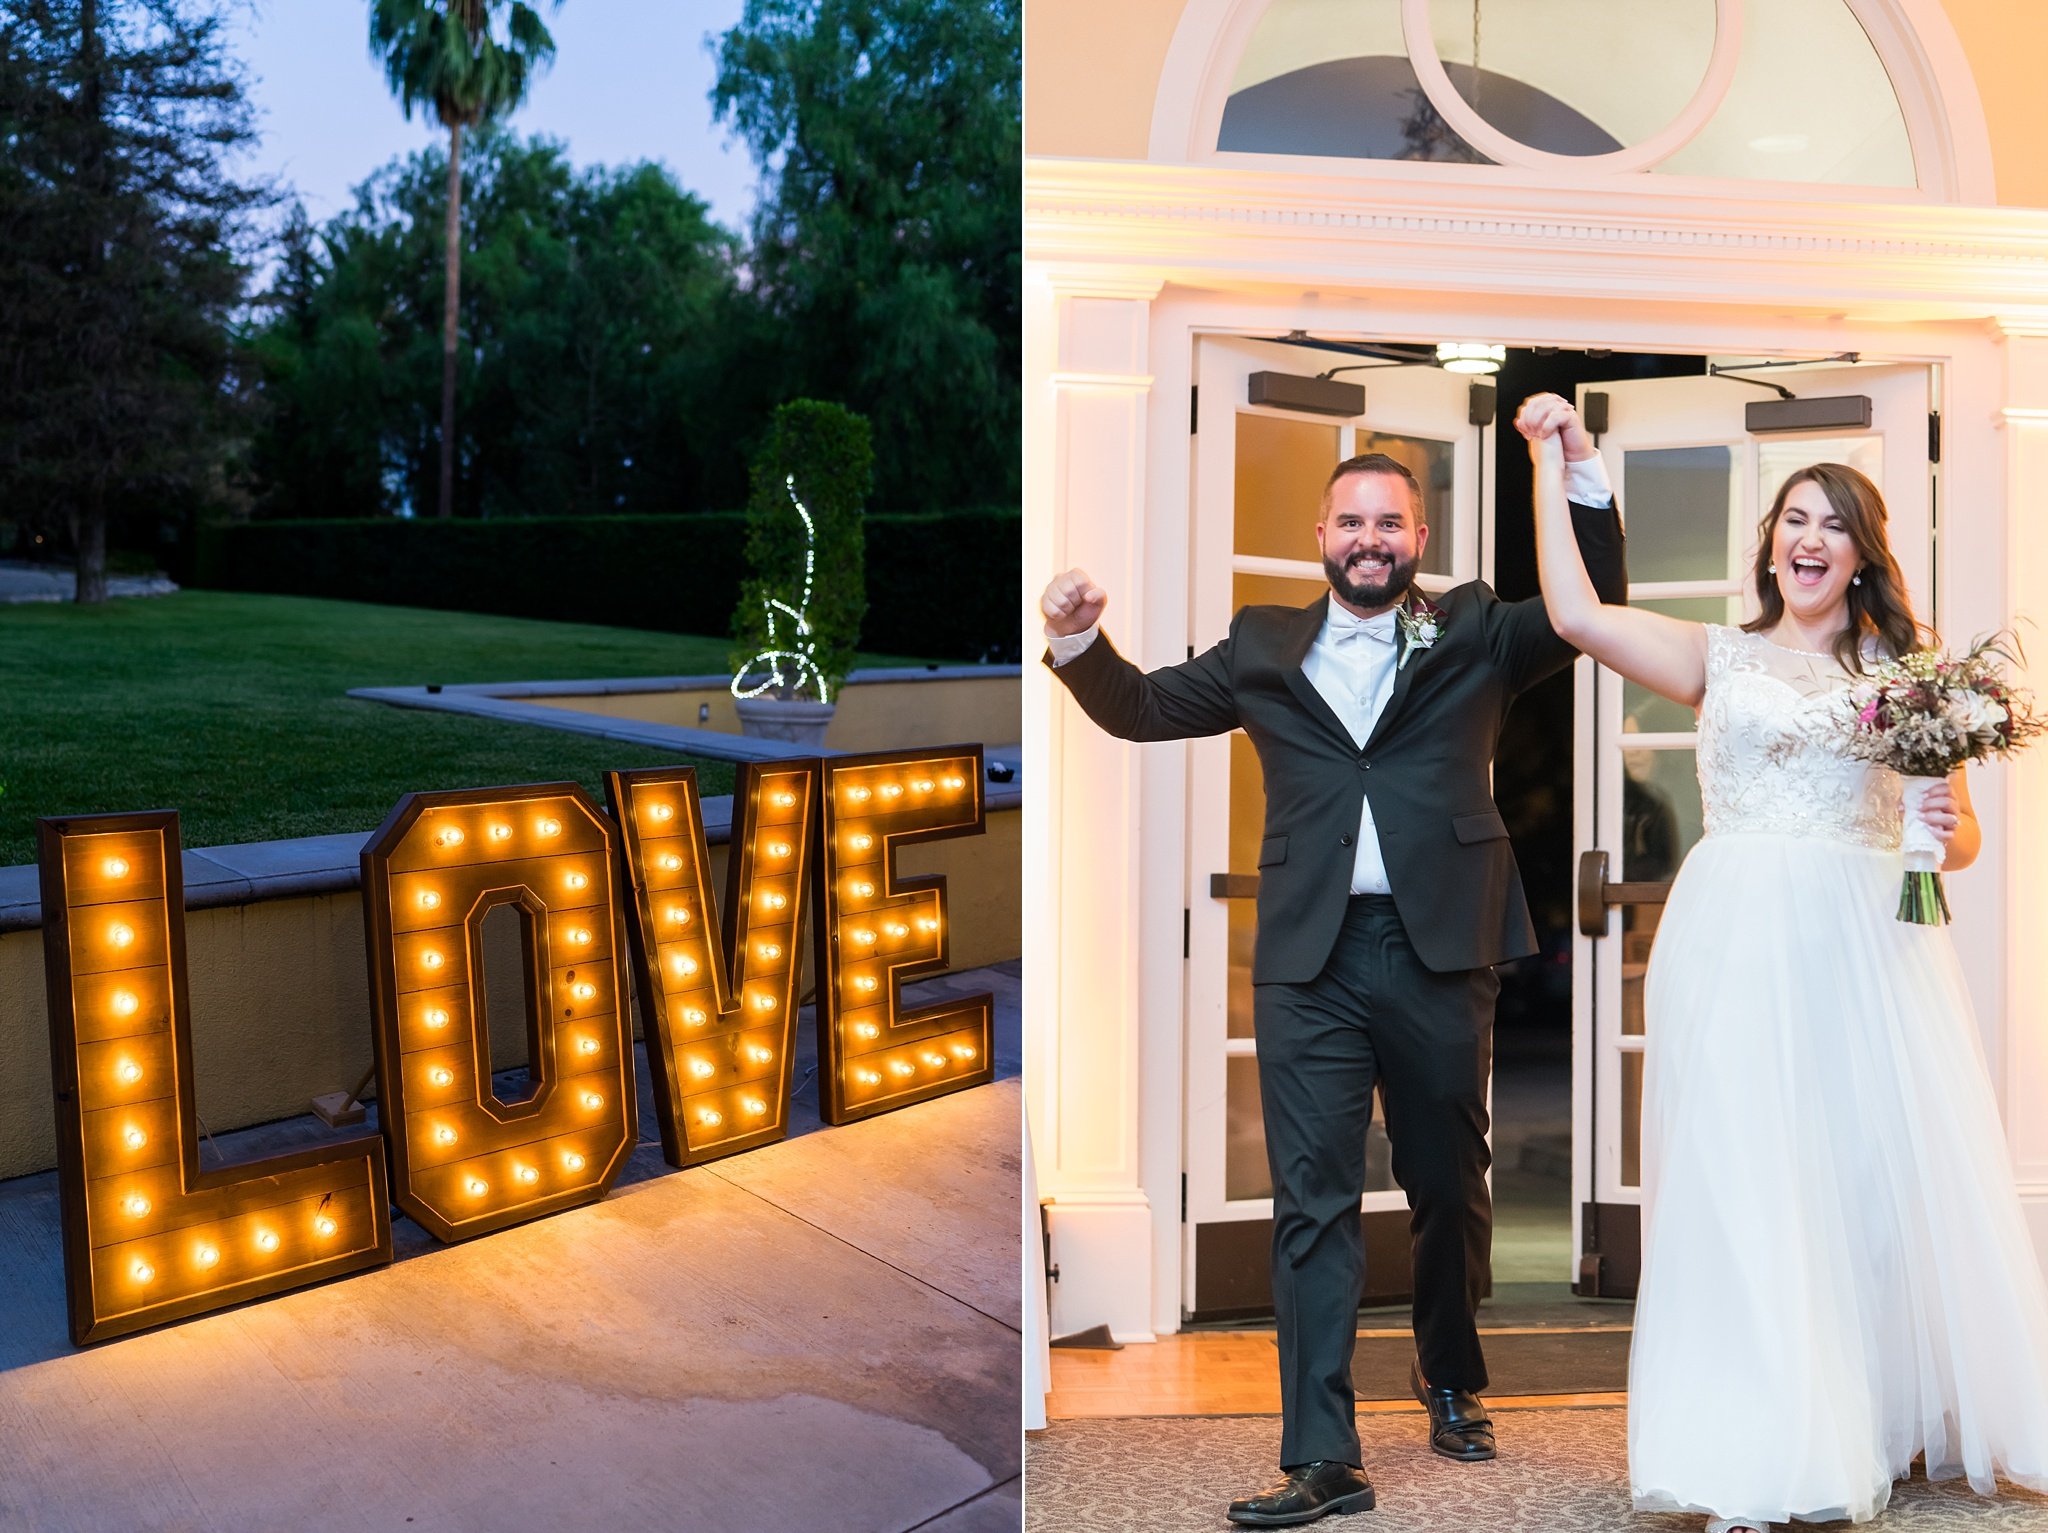 TommyandAmanda_WEDDING_BrienneMichelle_Details_67_BLOG.jpg